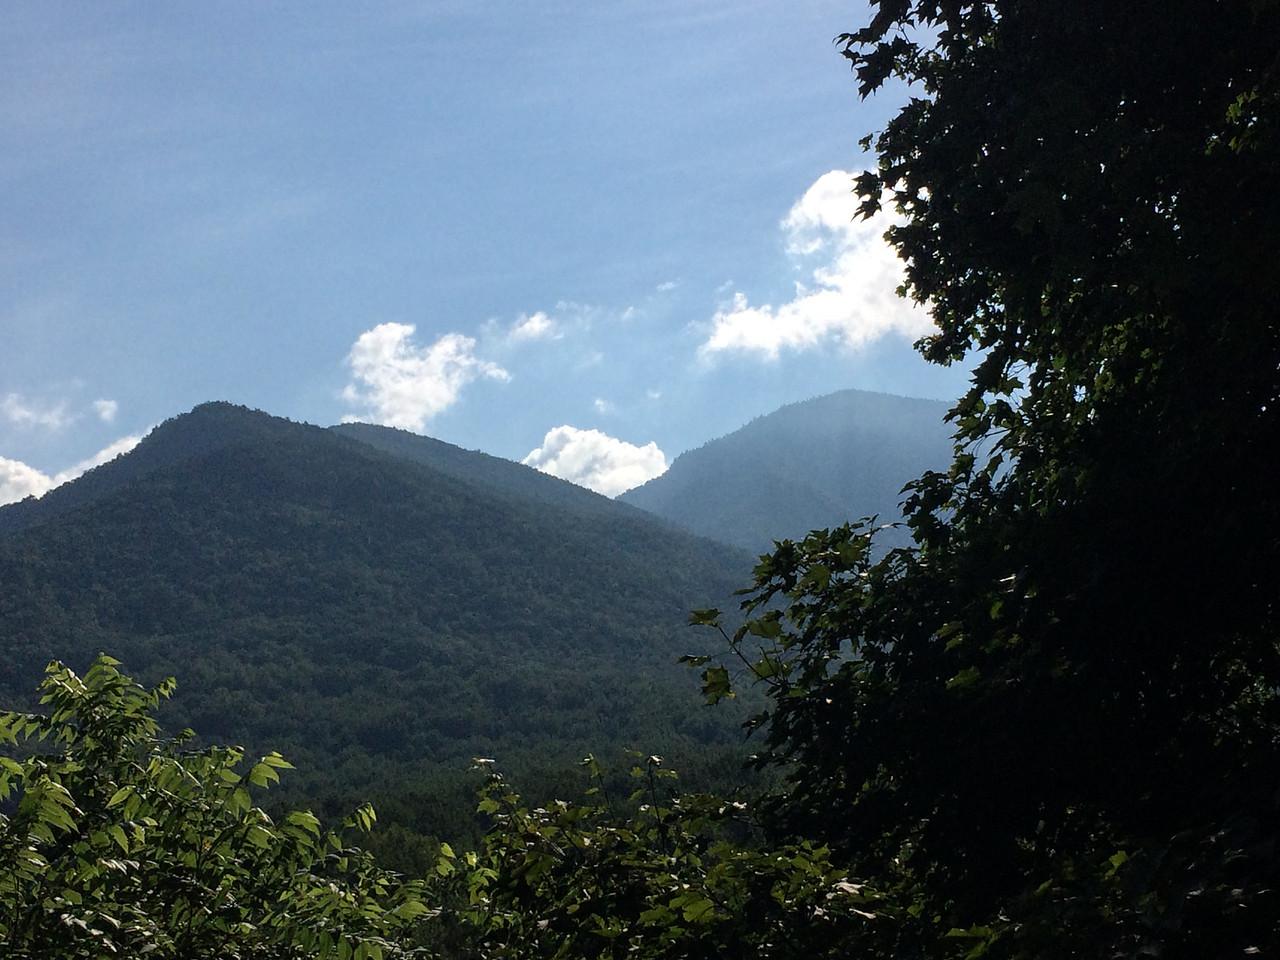 Mt LeConte